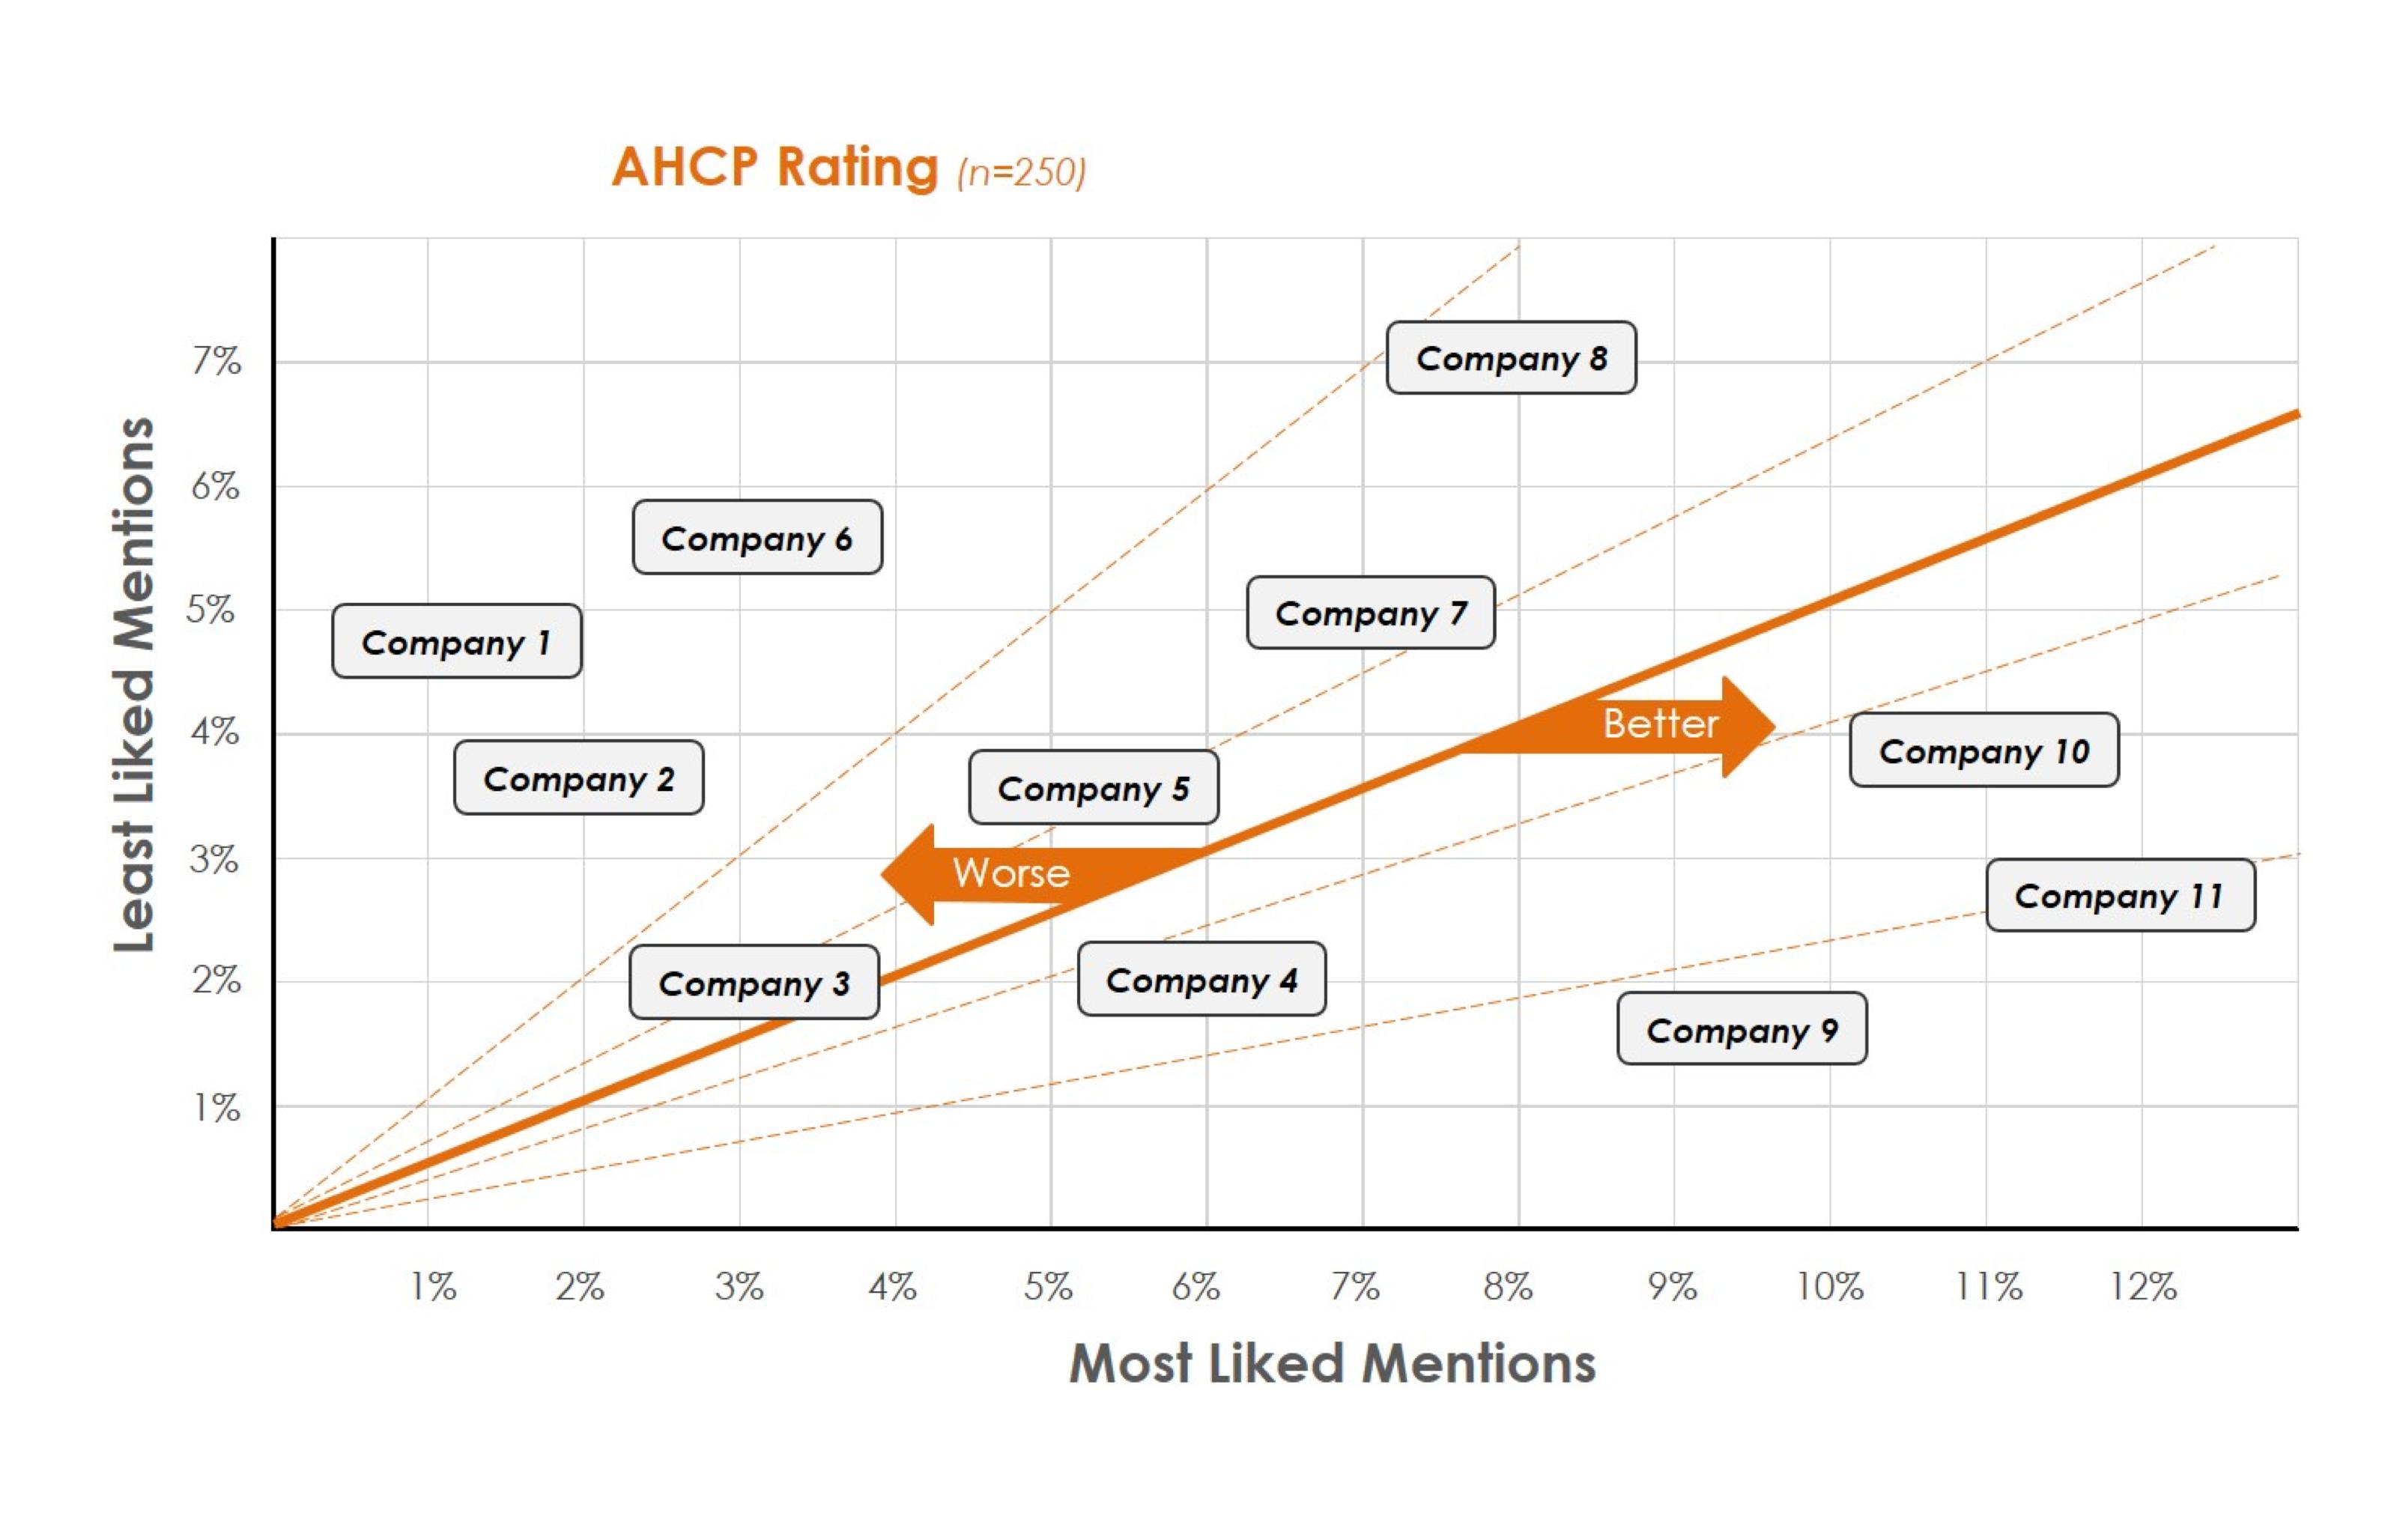 Pharma Company Ranking